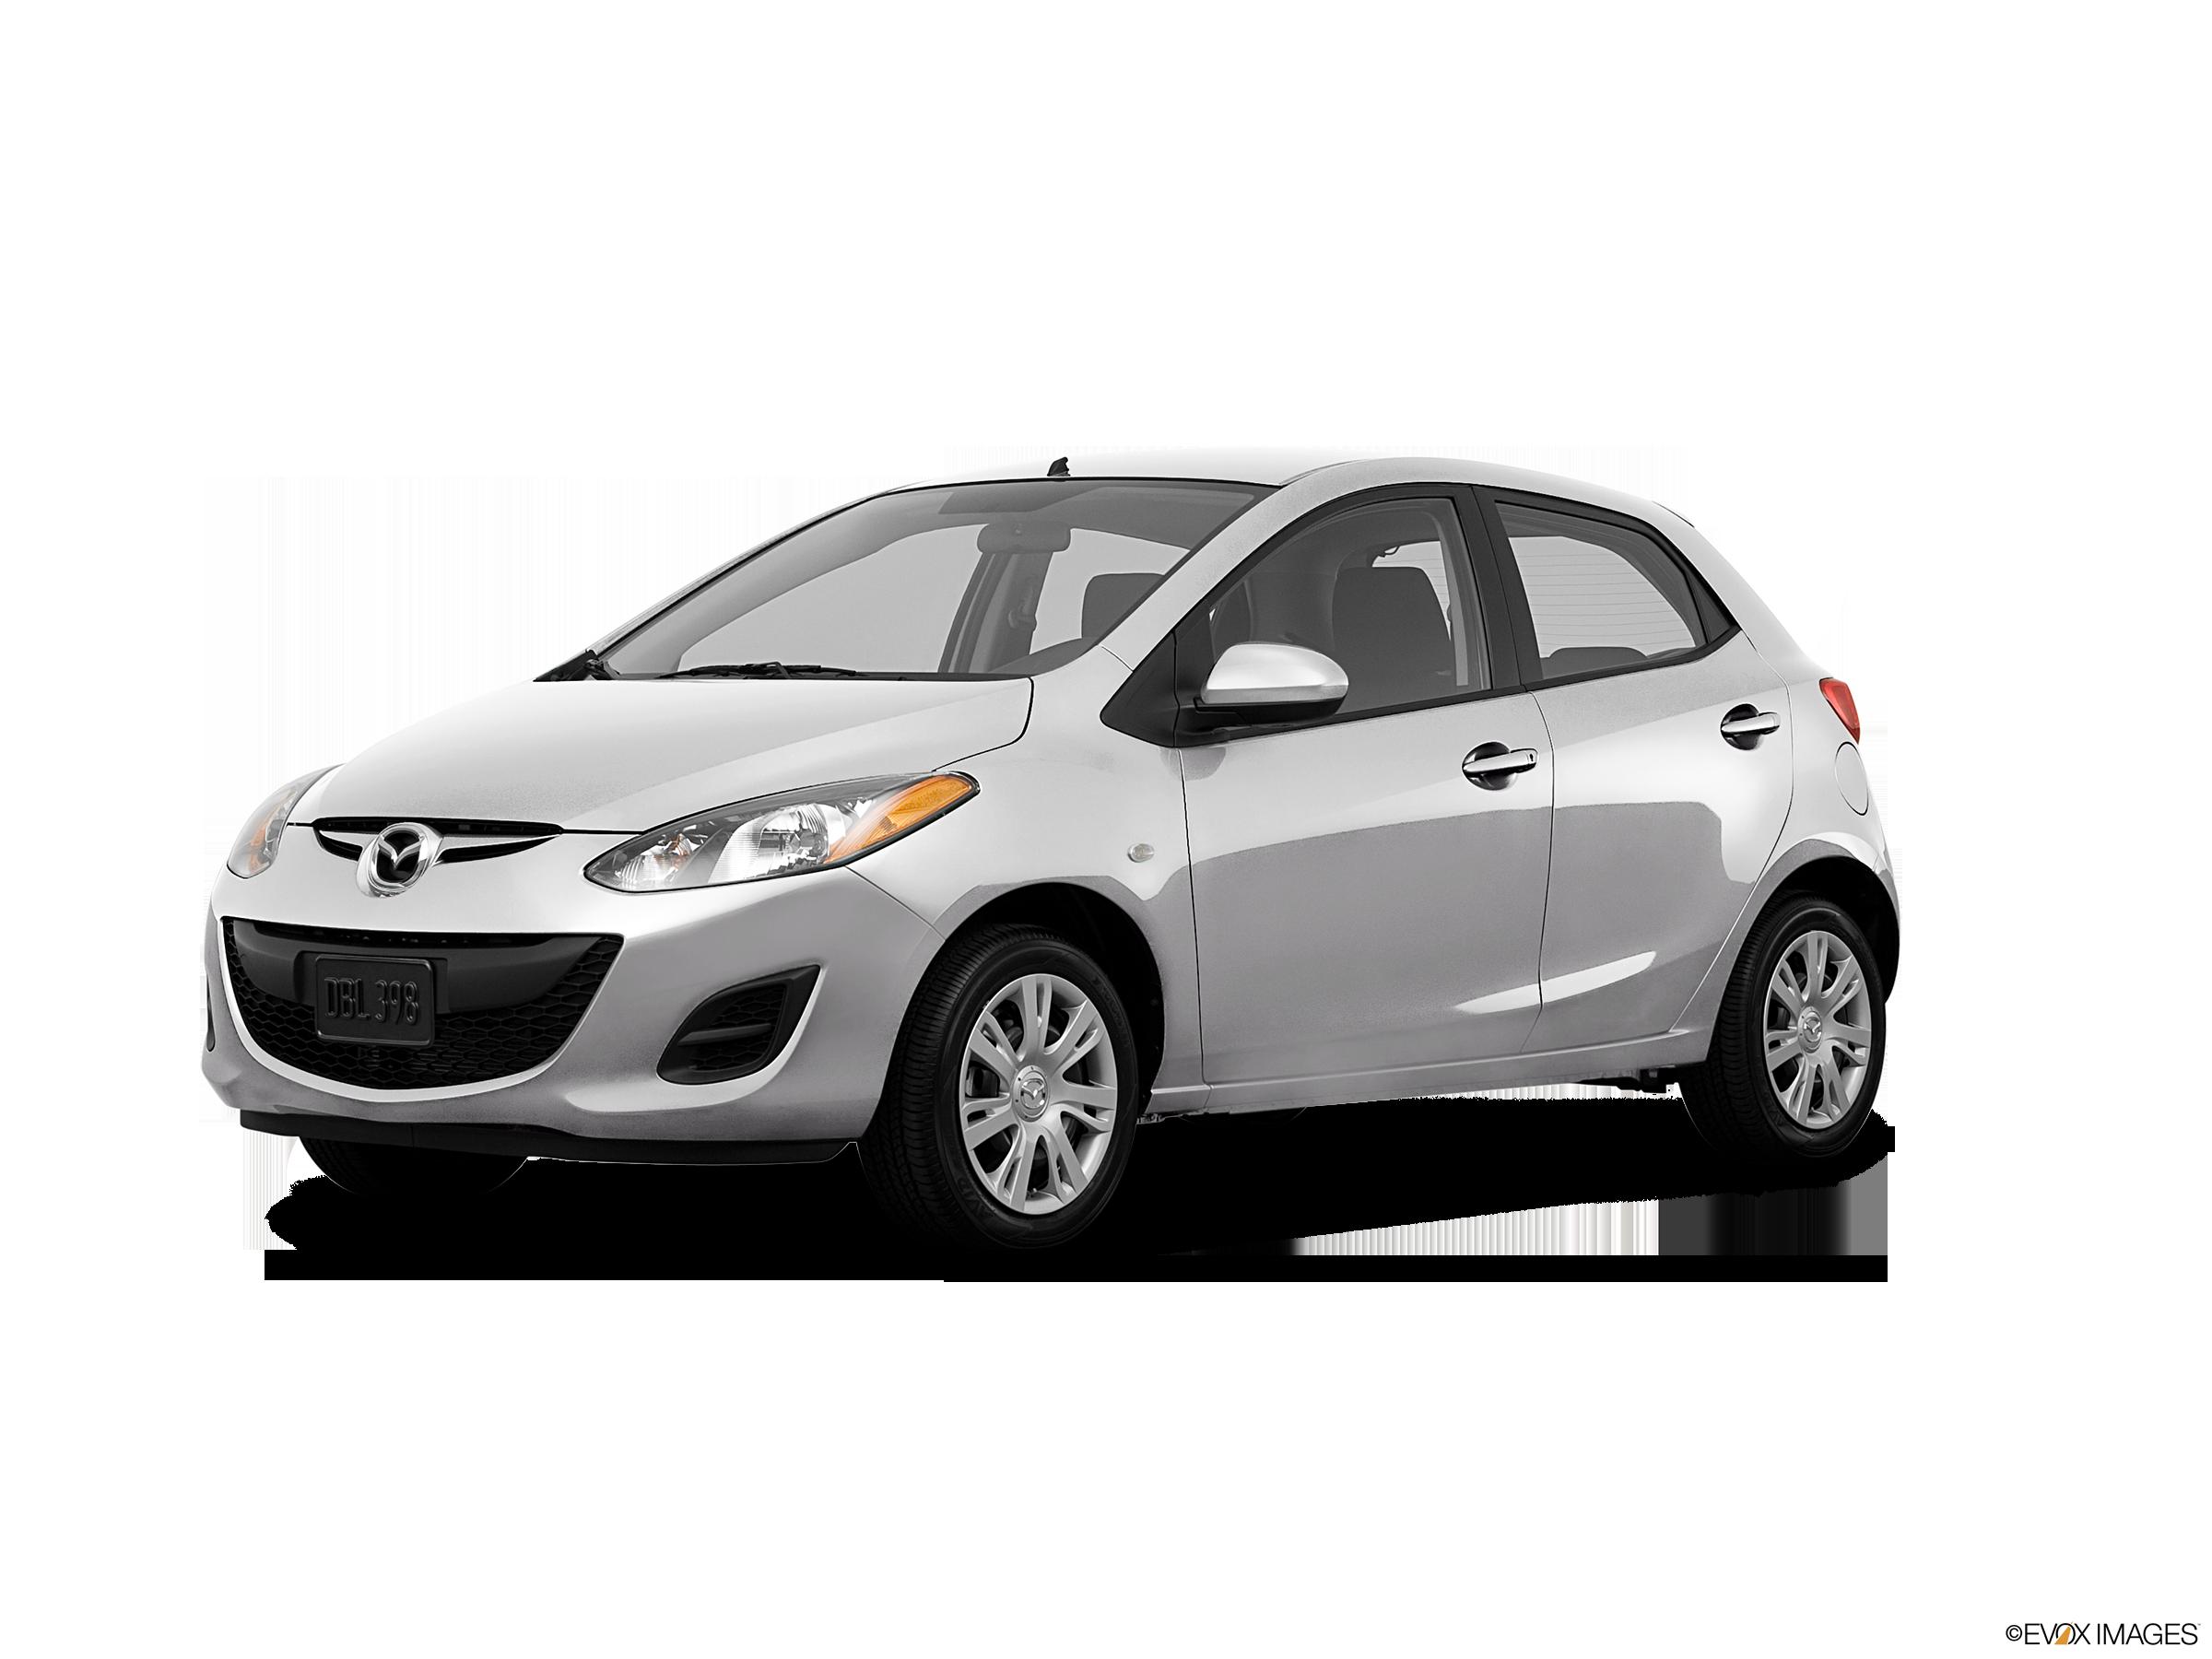 Kekurangan Mazda 2 2013 Top Model Tahun Ini